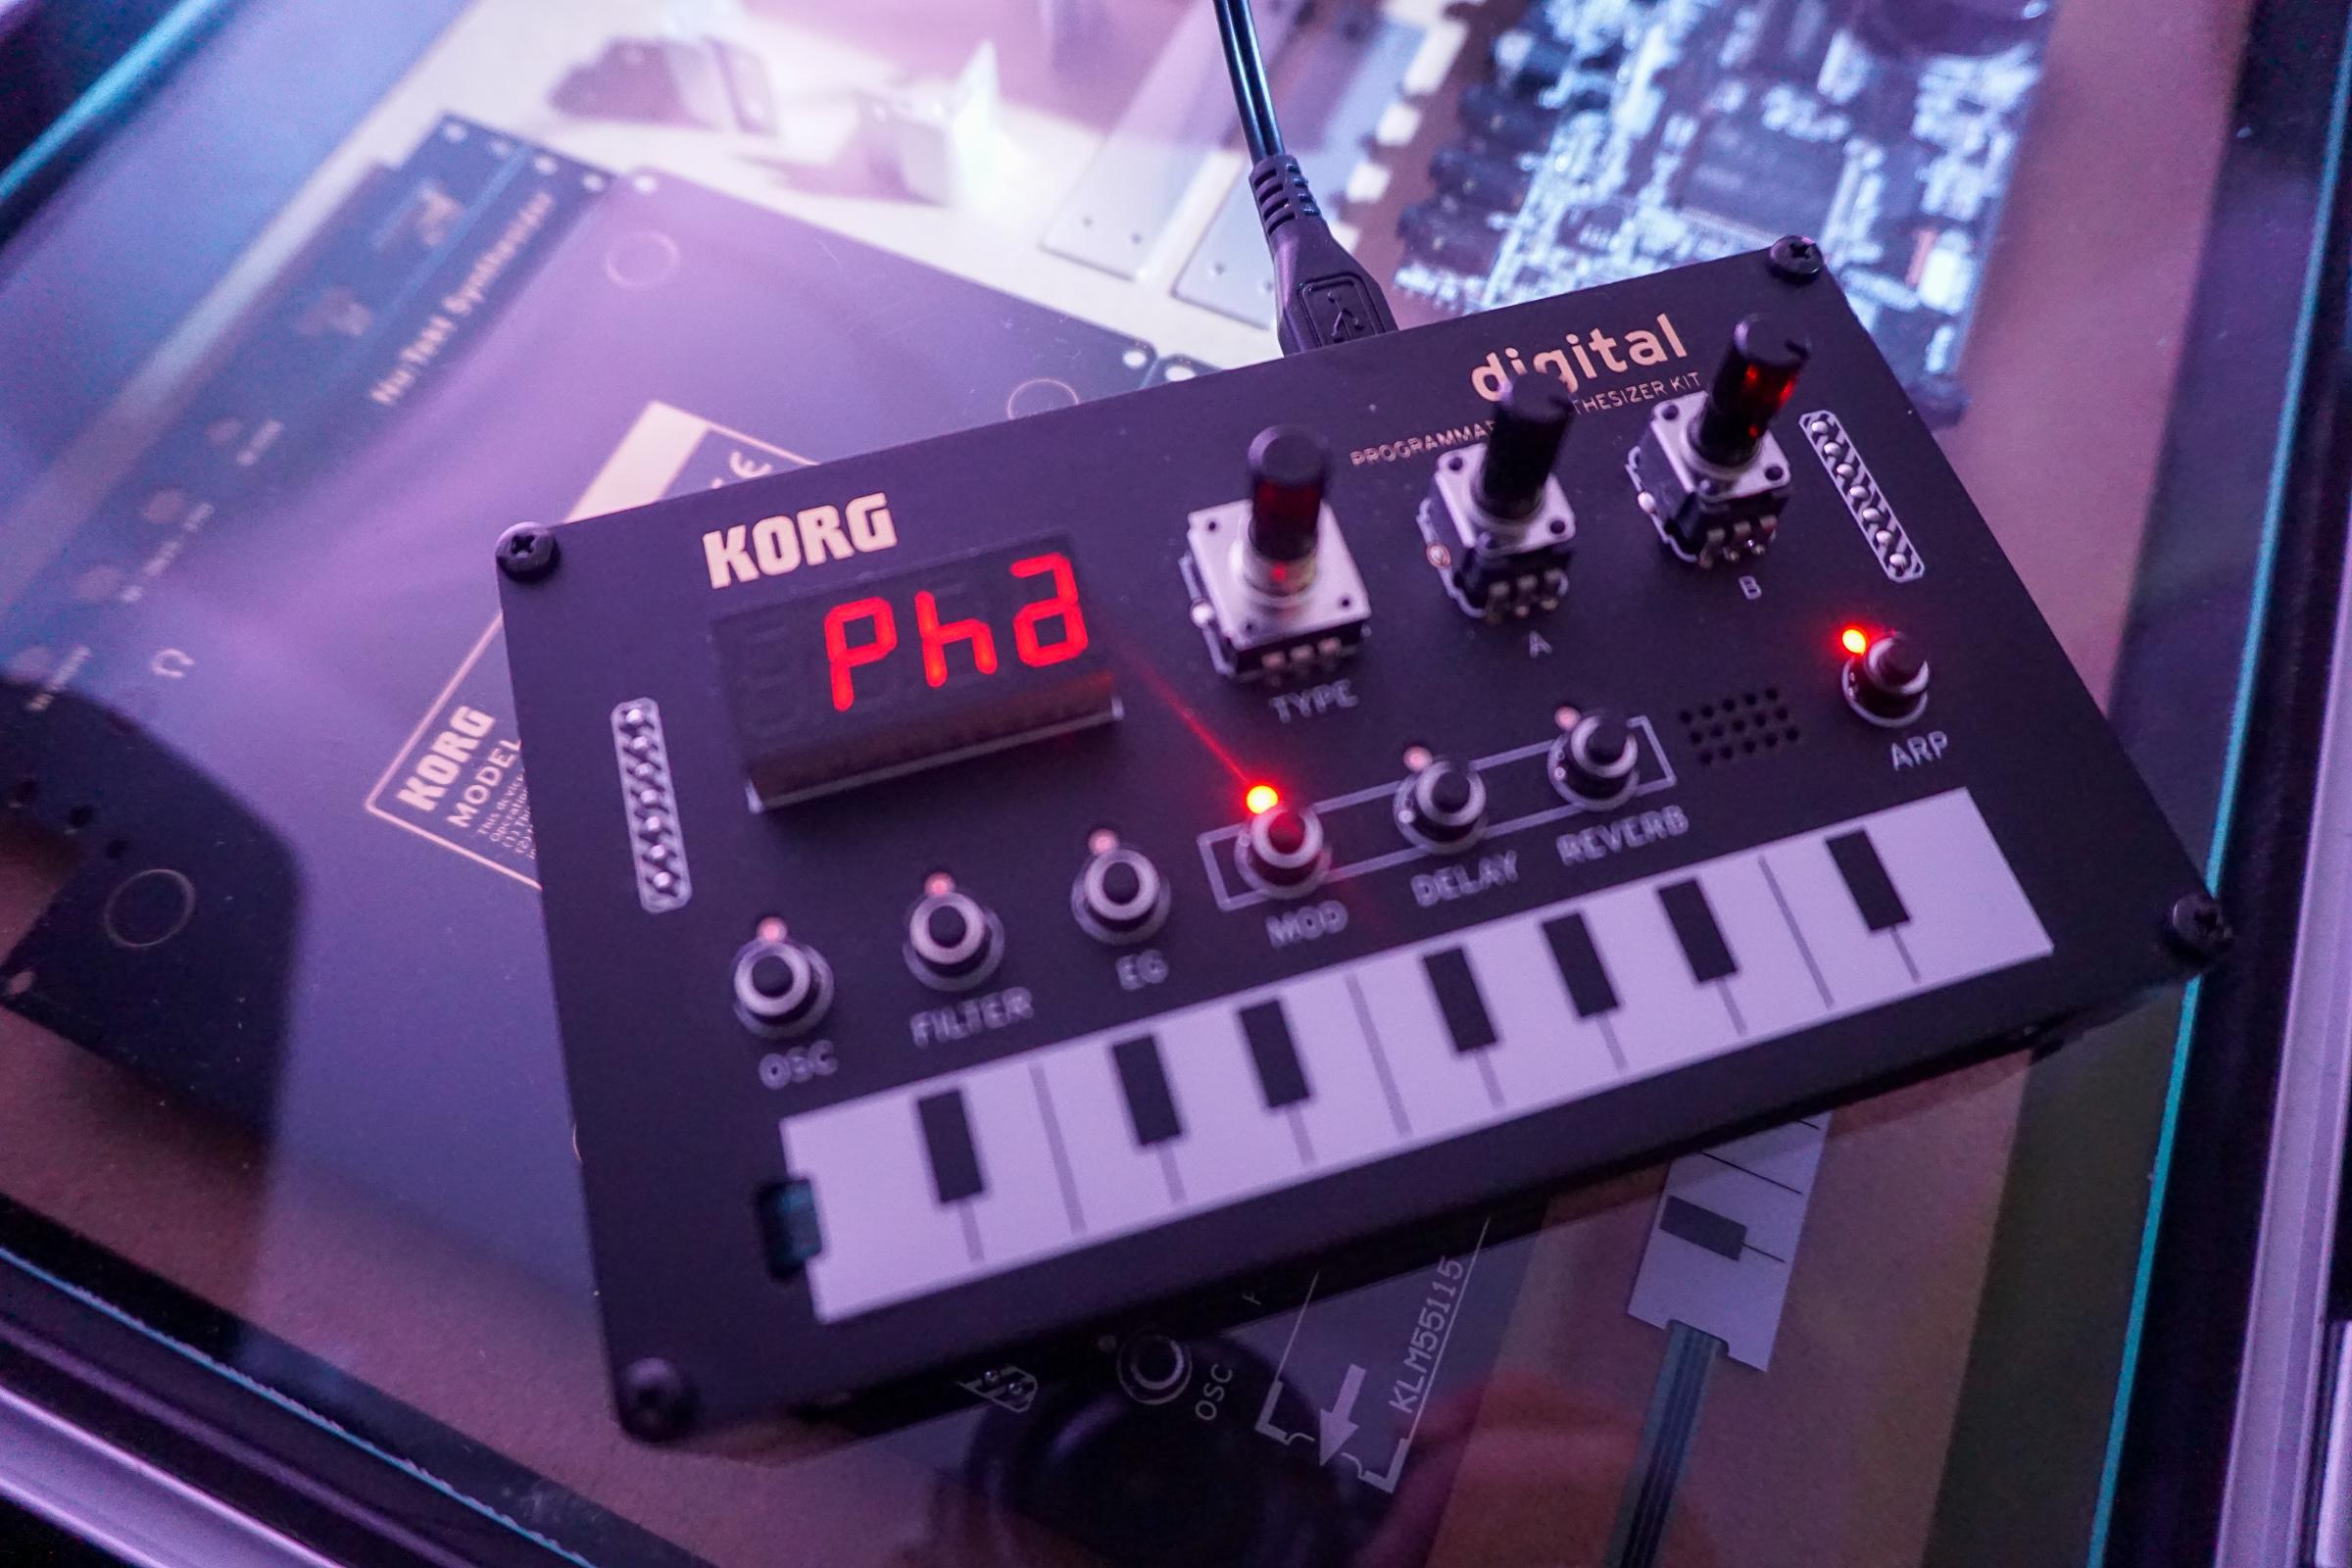 Korg Nu:Tekt DIY Synth kit - Other Gear - Elektronauts